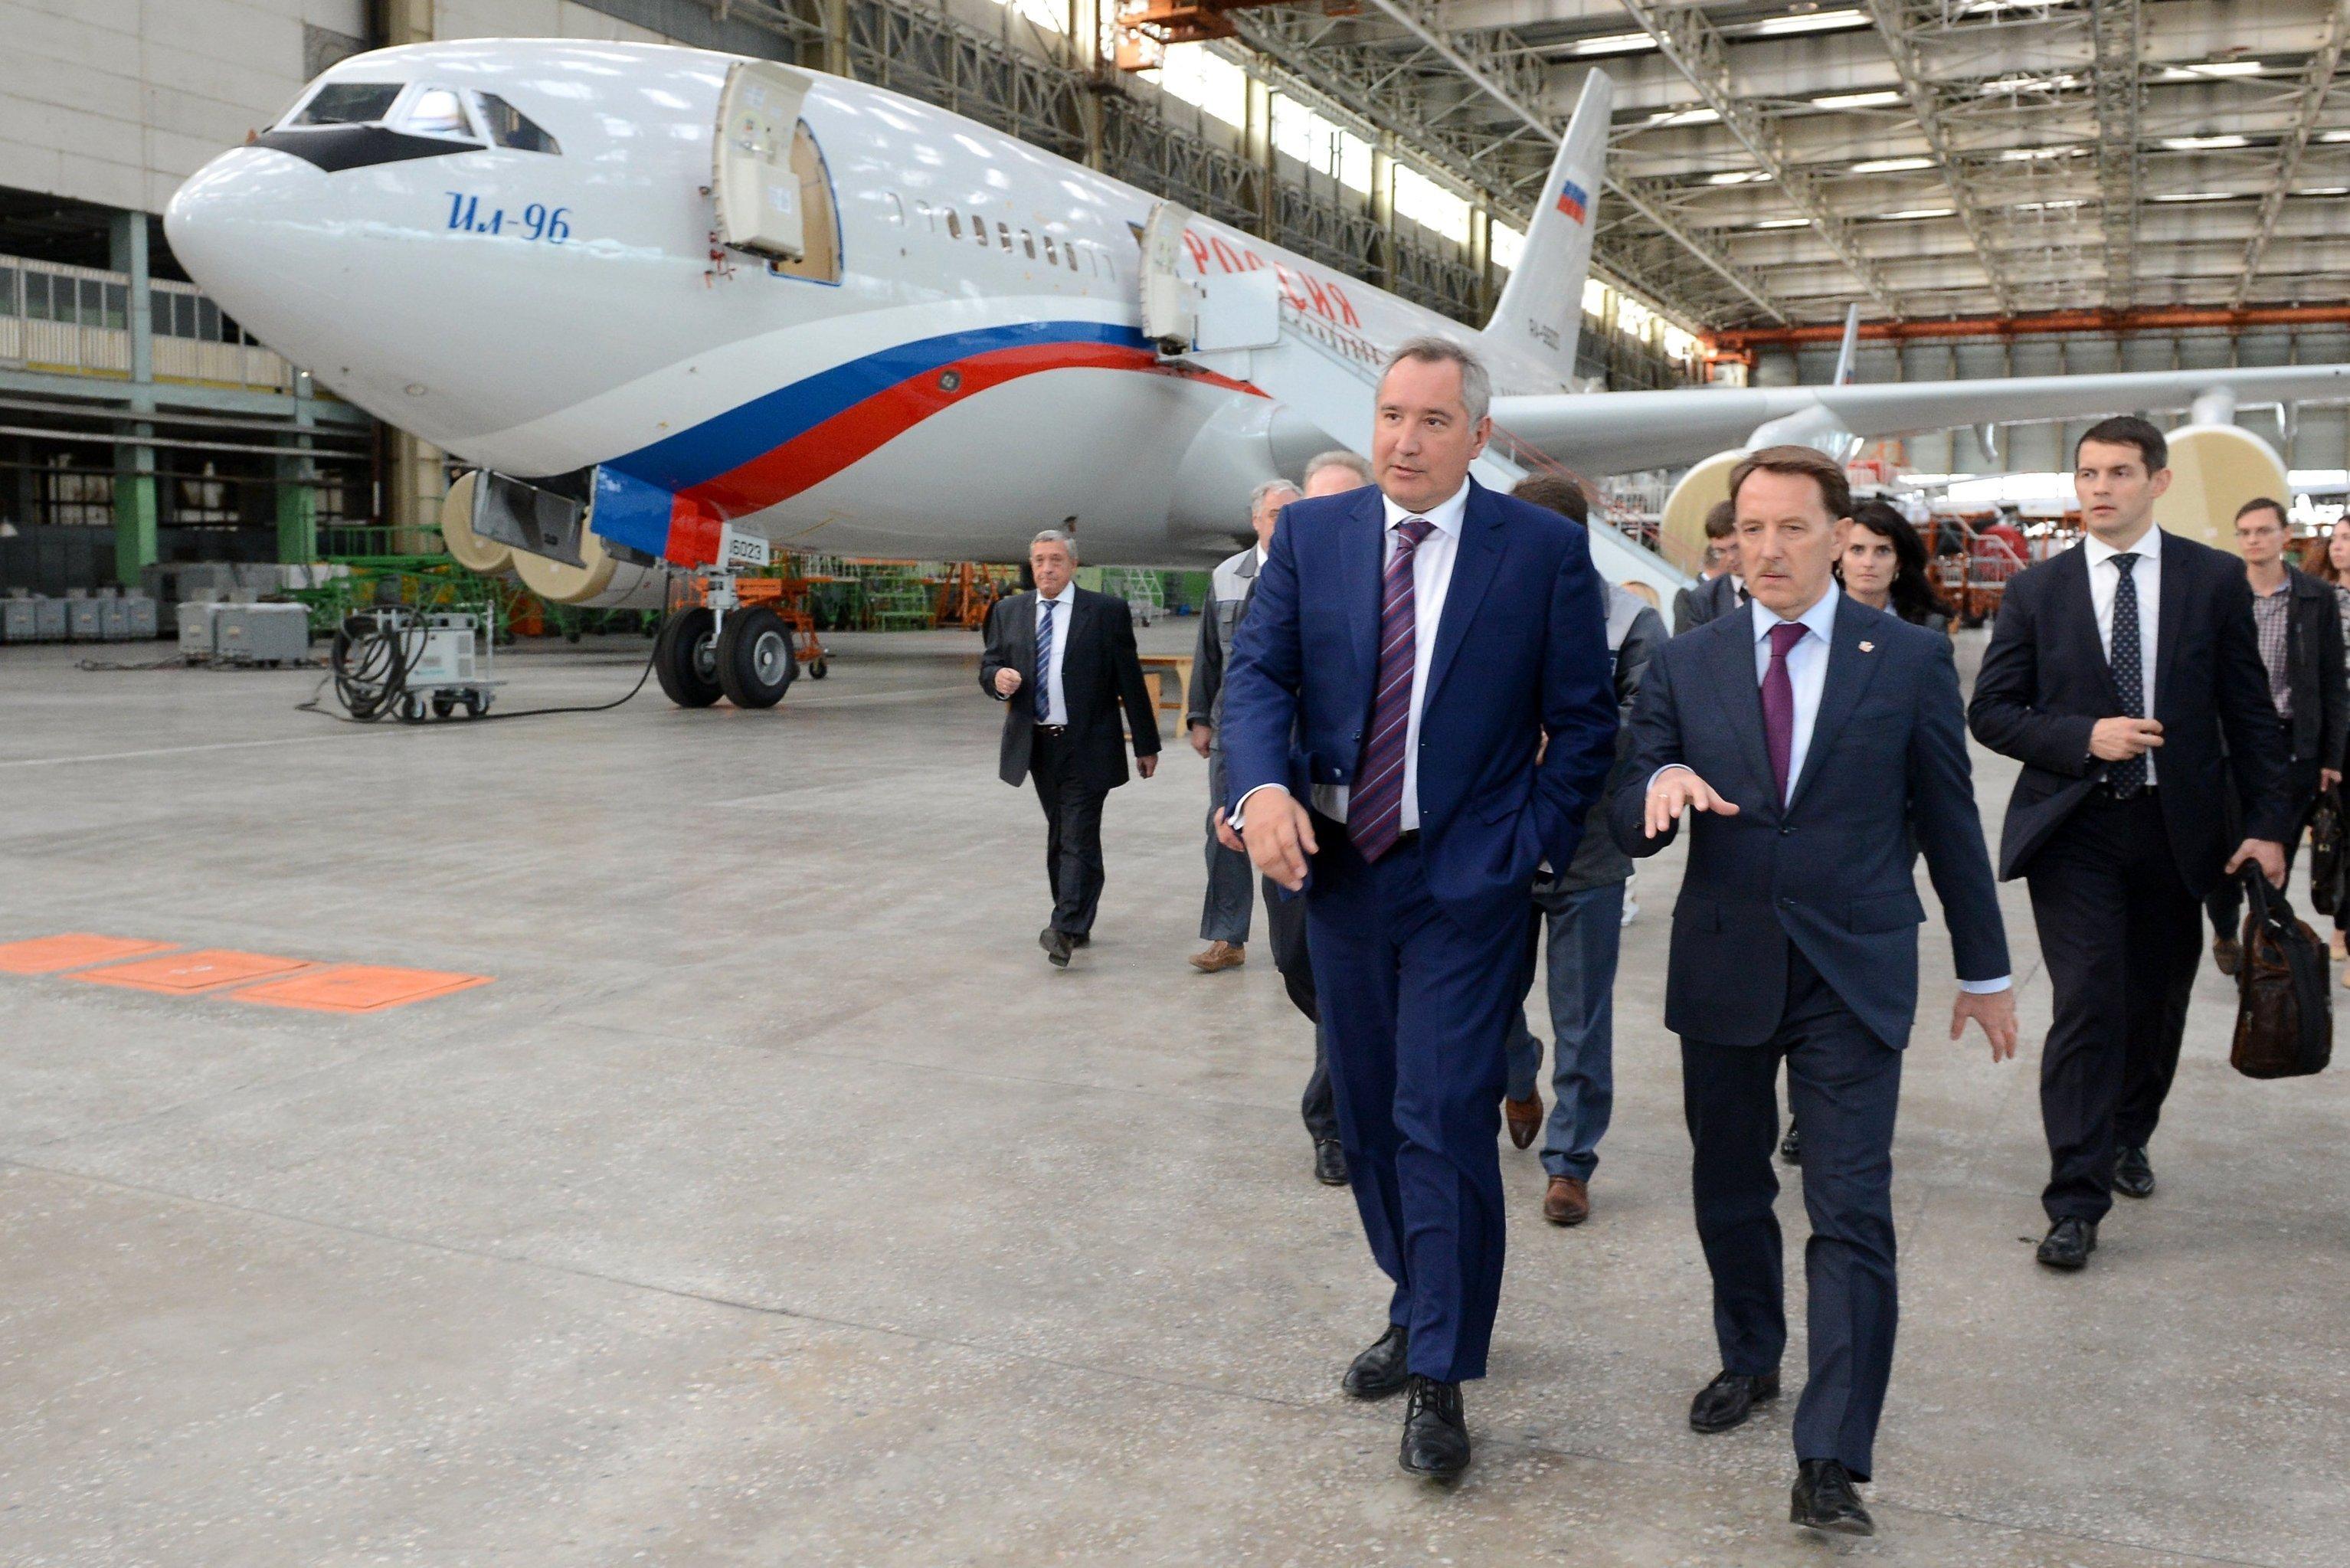 Russian Deputy Prime Minister Dmitry Rogozin, left, and Governor of the Voronezh Region Alexei Gordeyev visit the VASO Voronezh Aircraft Plant